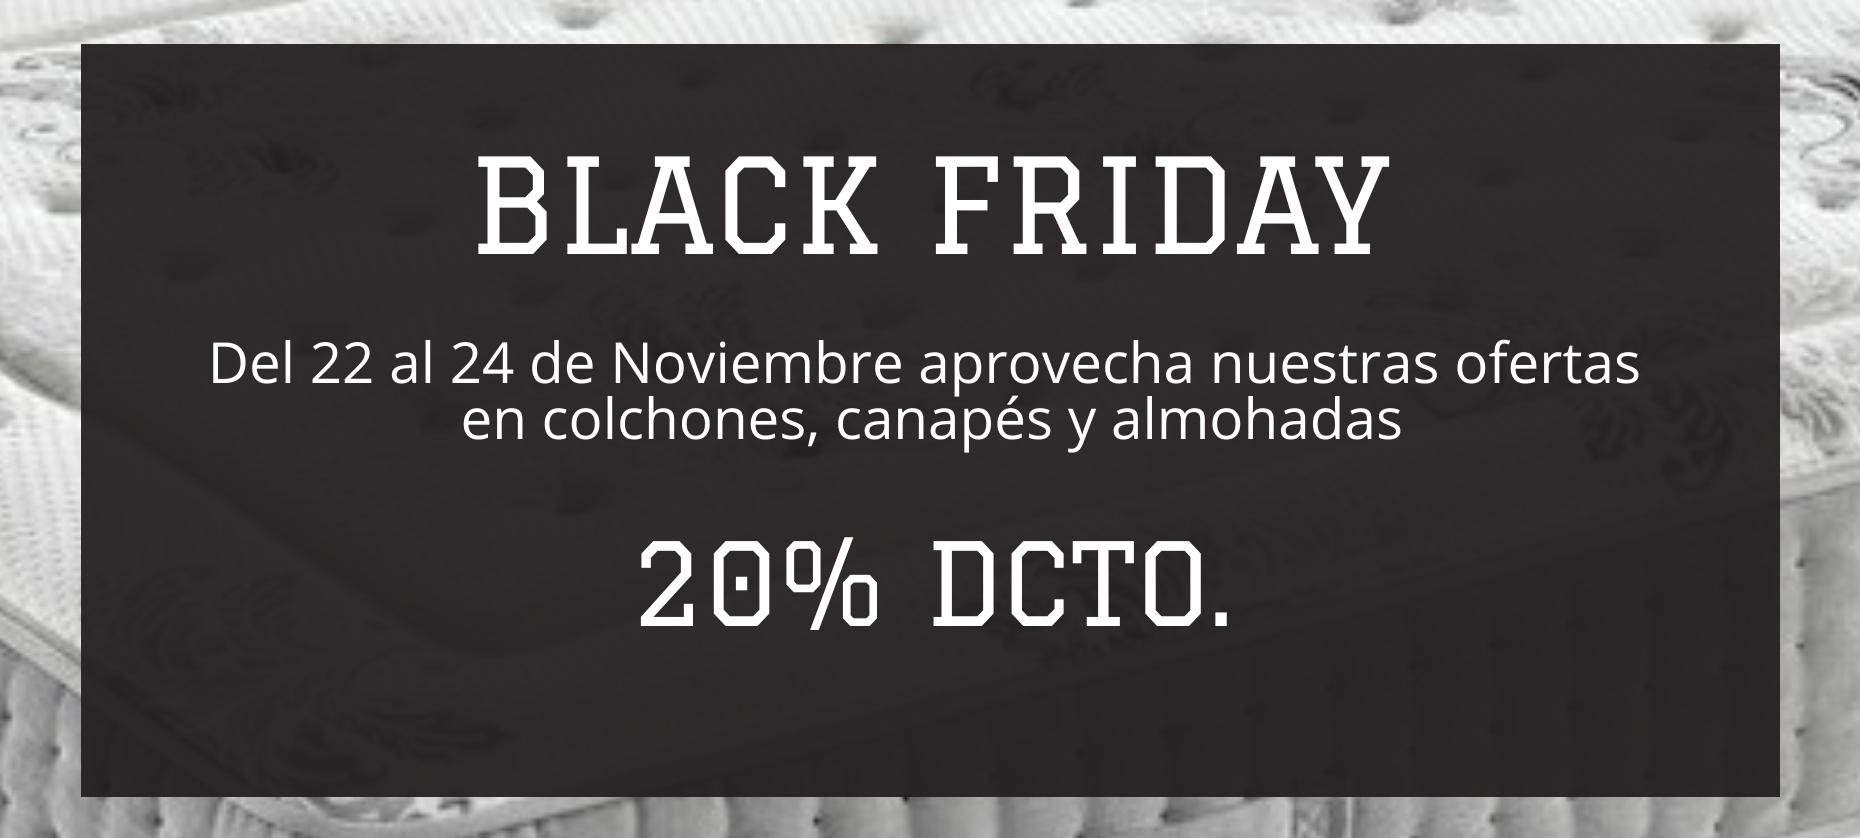 Blackfriday Colchones